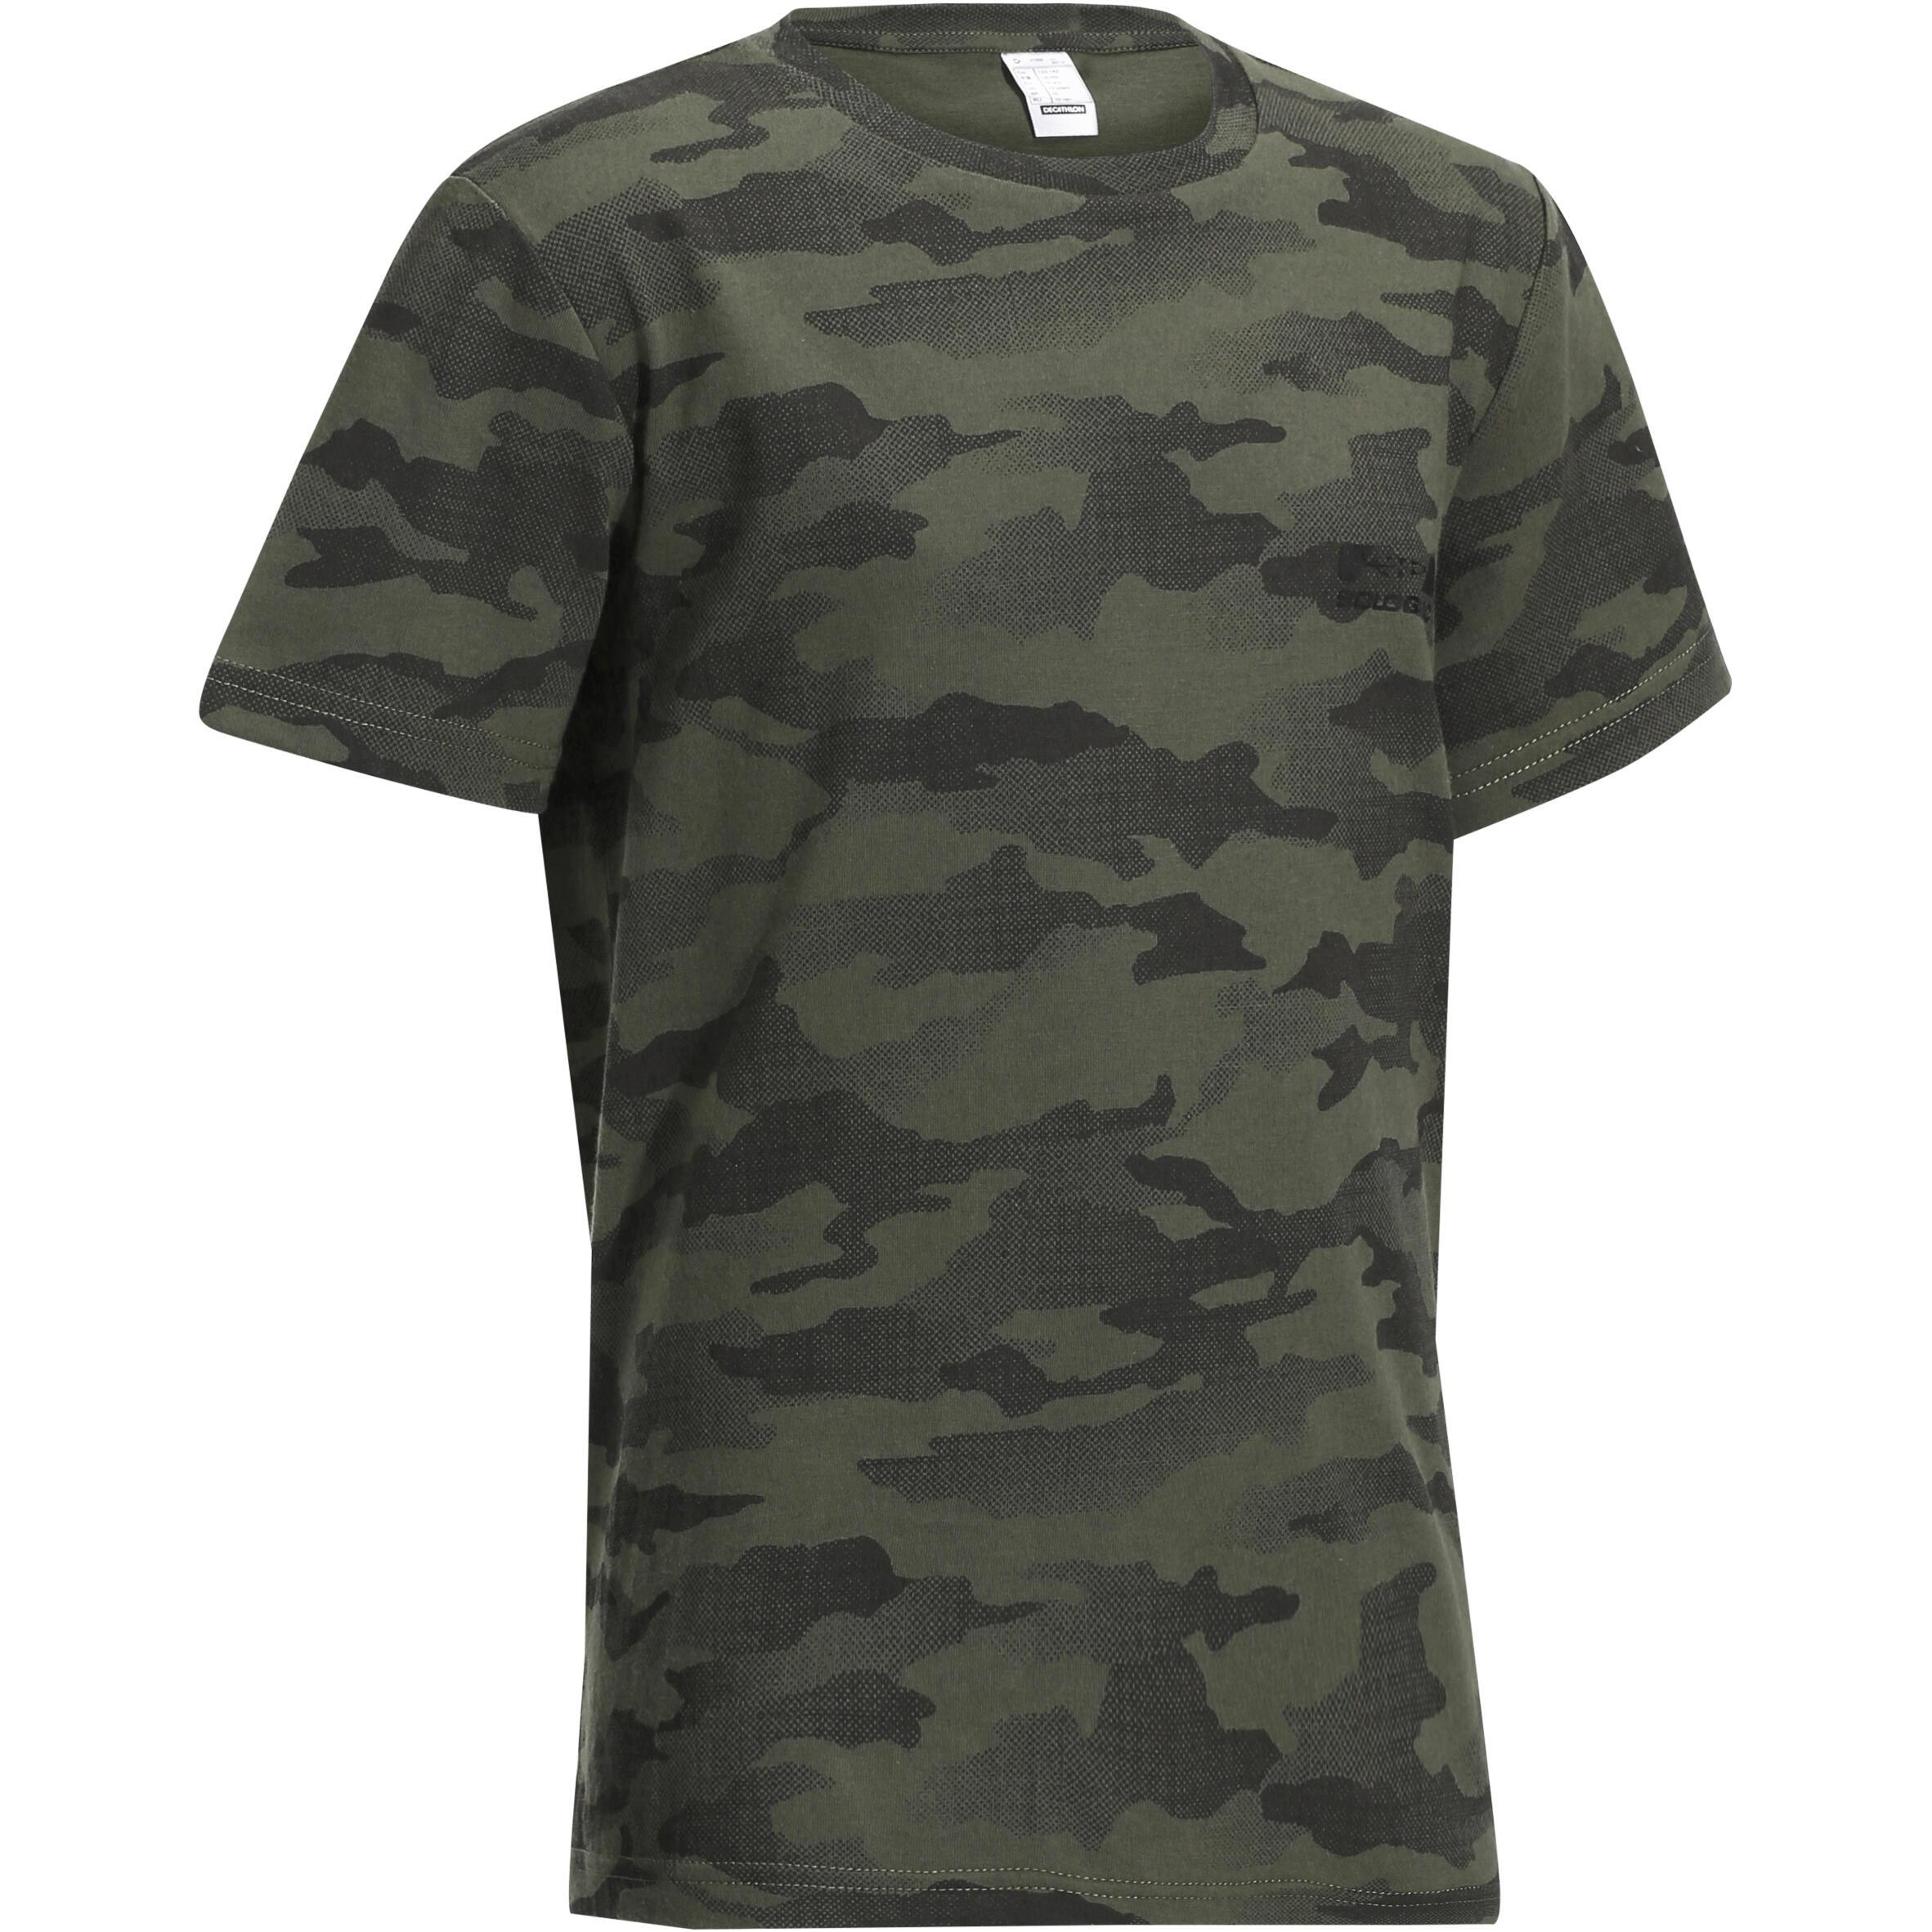 Comprar Camisetas y Camisas de Caza online  f14b76baade